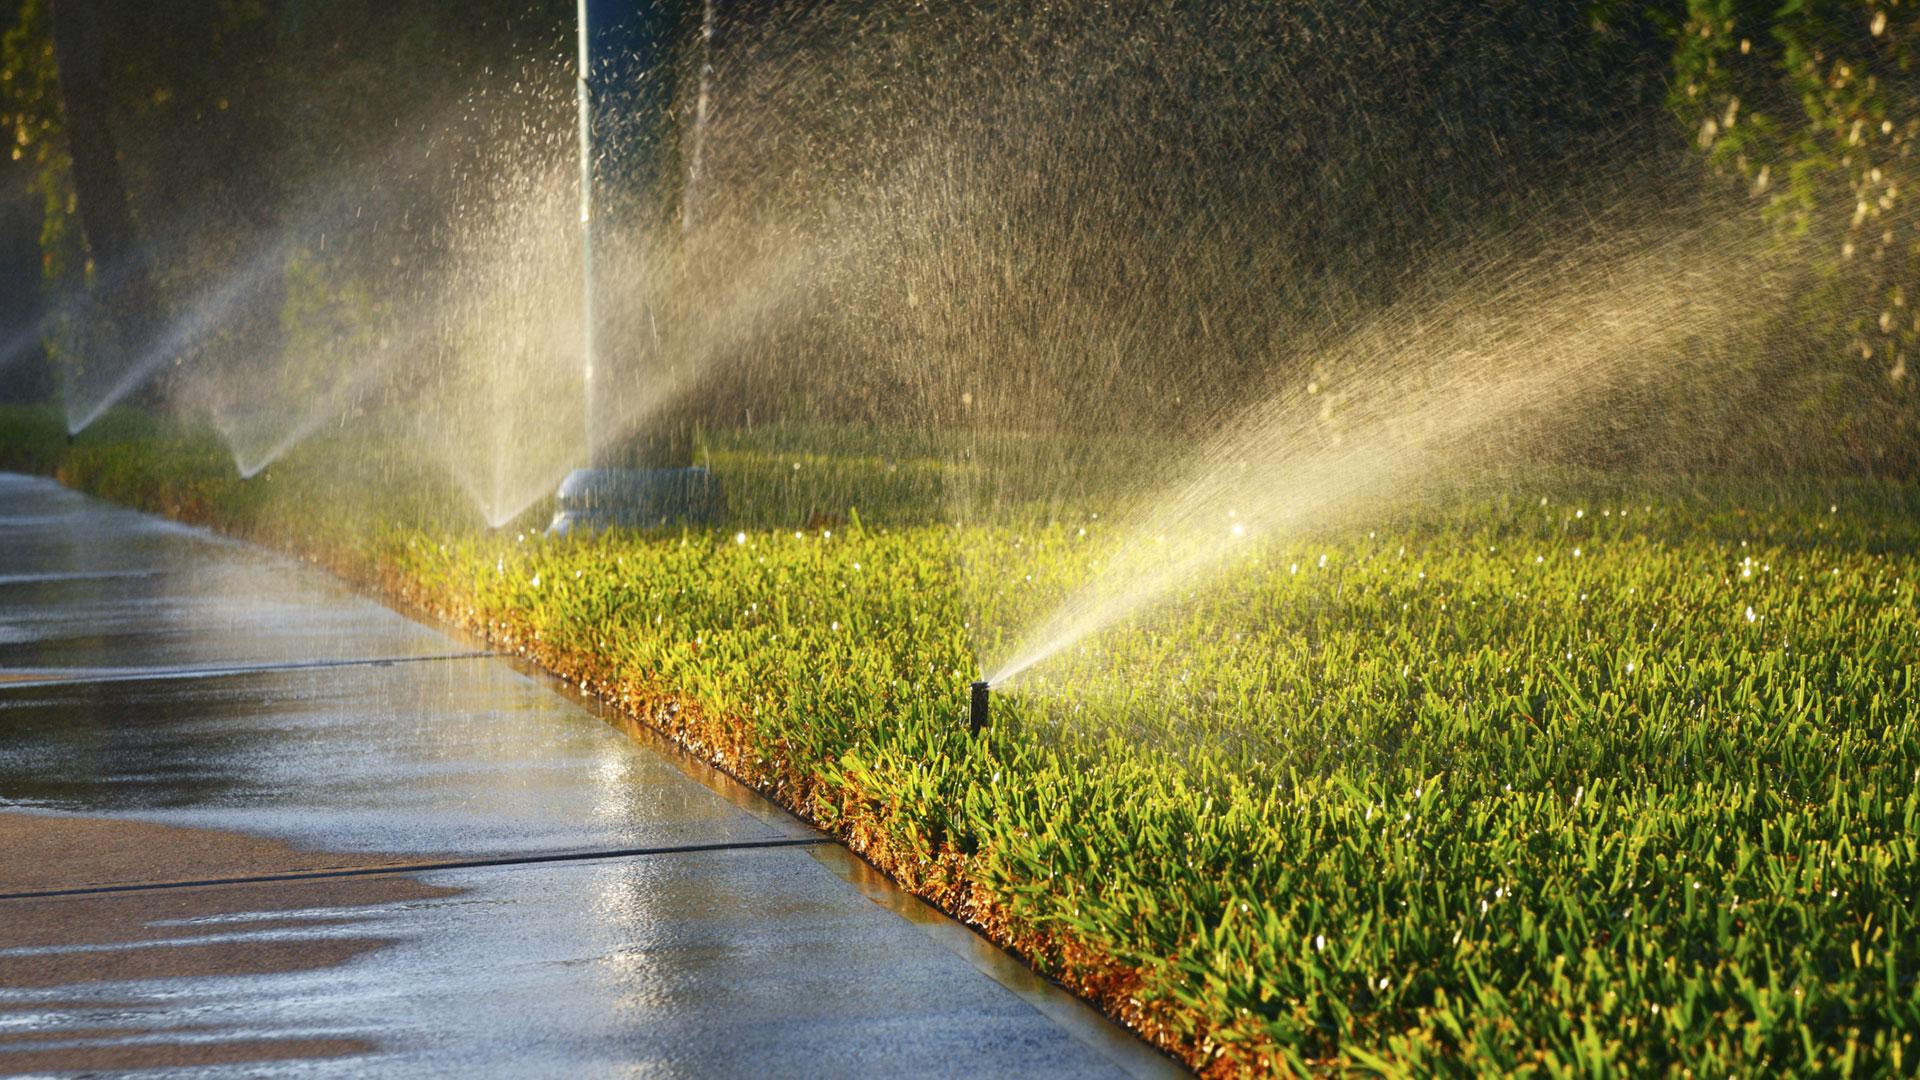 Row of sprinklers watering a lawn